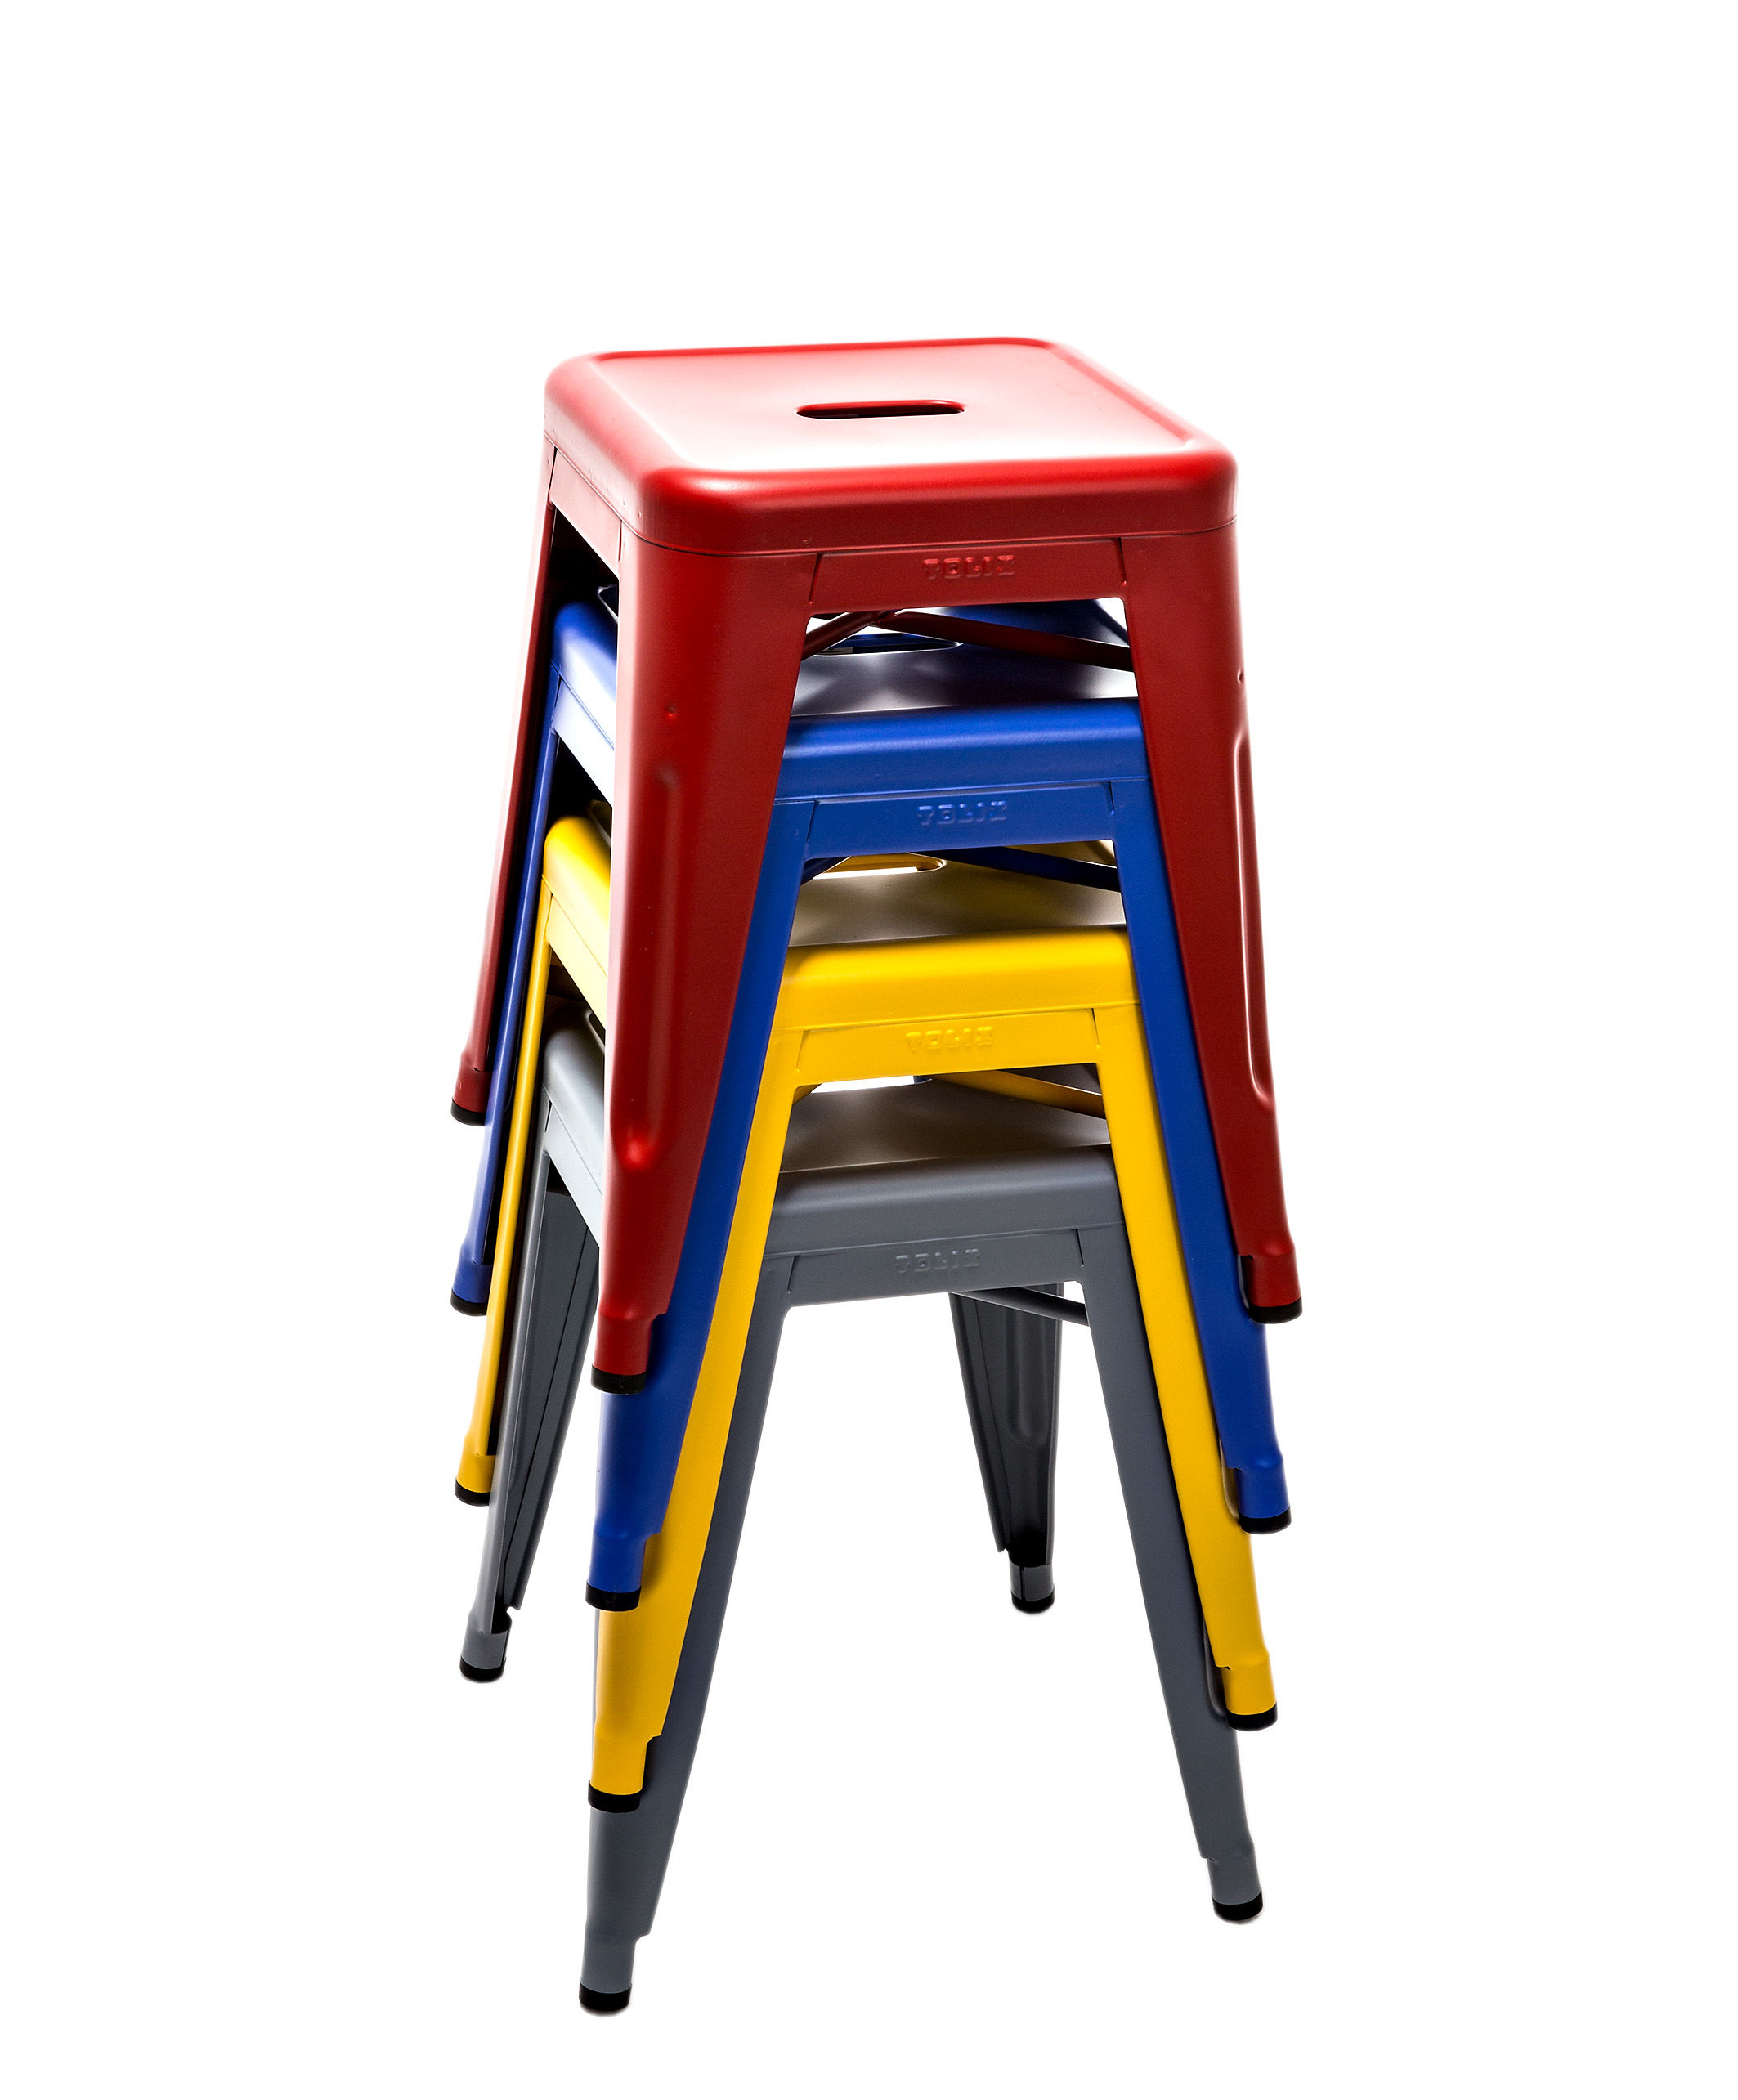 h stahl matt h 45 cm les couleurs le corbusier tolix kocker. Black Bedroom Furniture Sets. Home Design Ideas